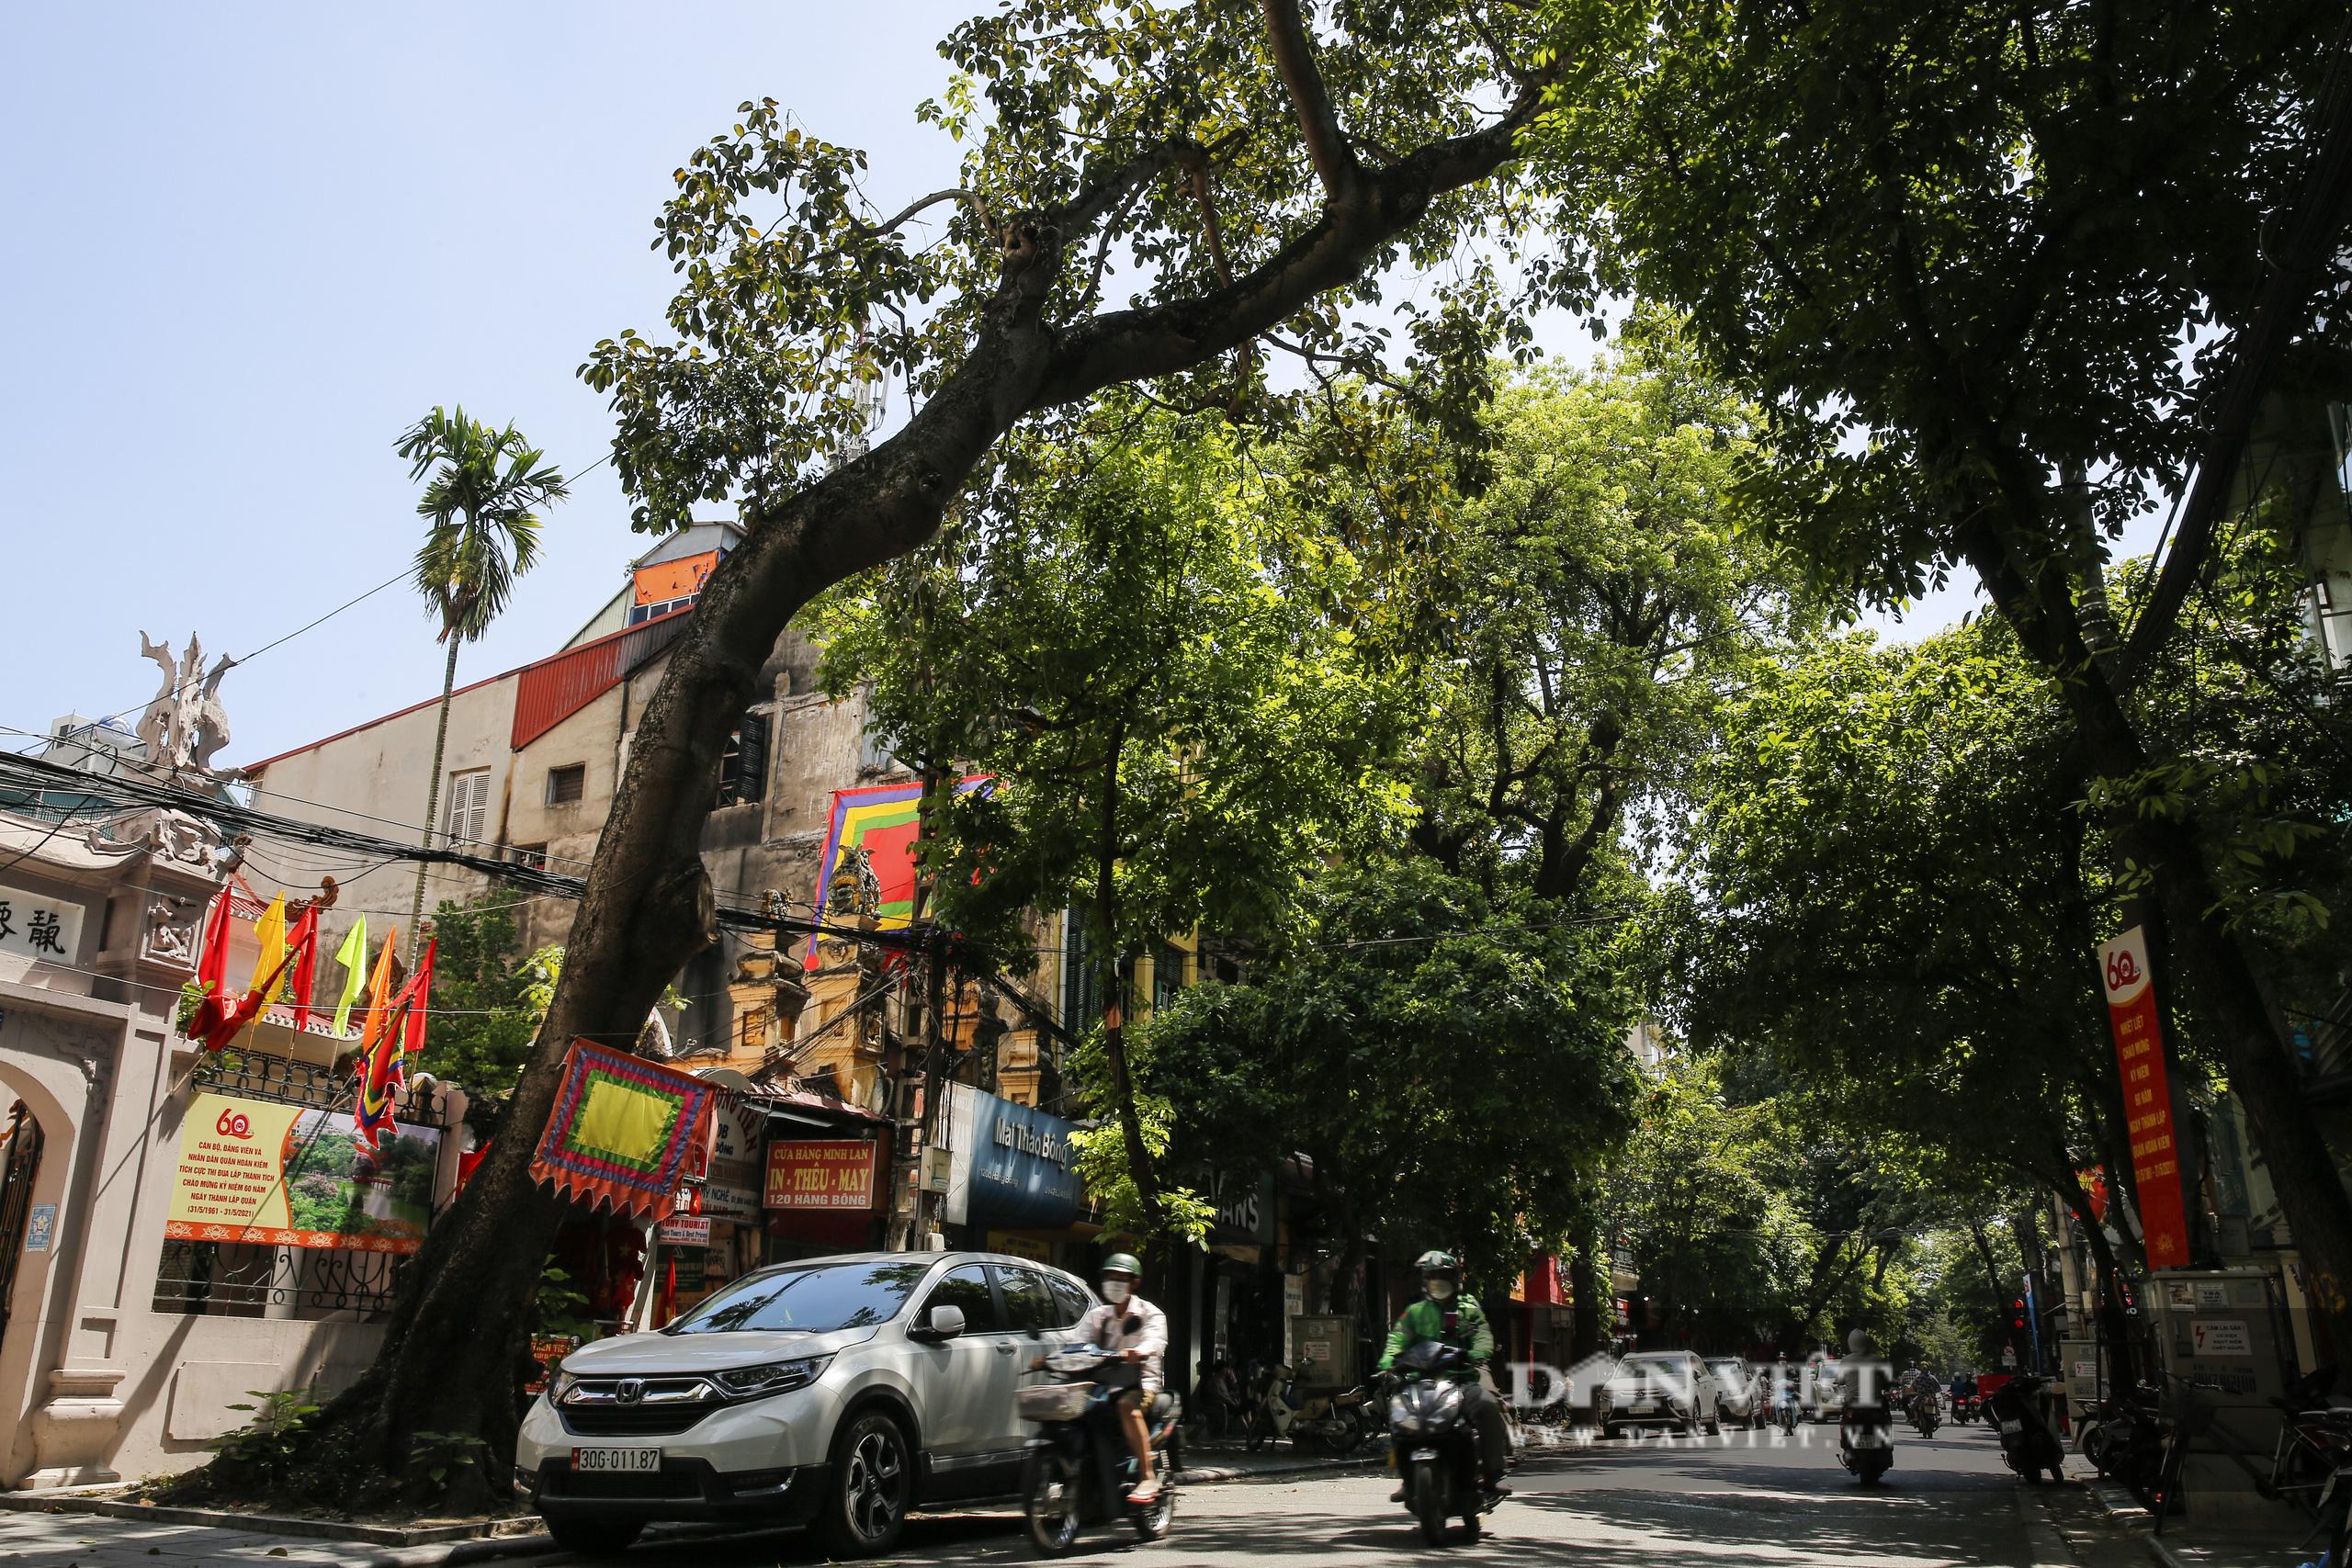 Hà Nội: Kỳ lạ con phố cổ dài 1 Km nhưng có 6 tên gọi khác nhau - Ảnh 4.